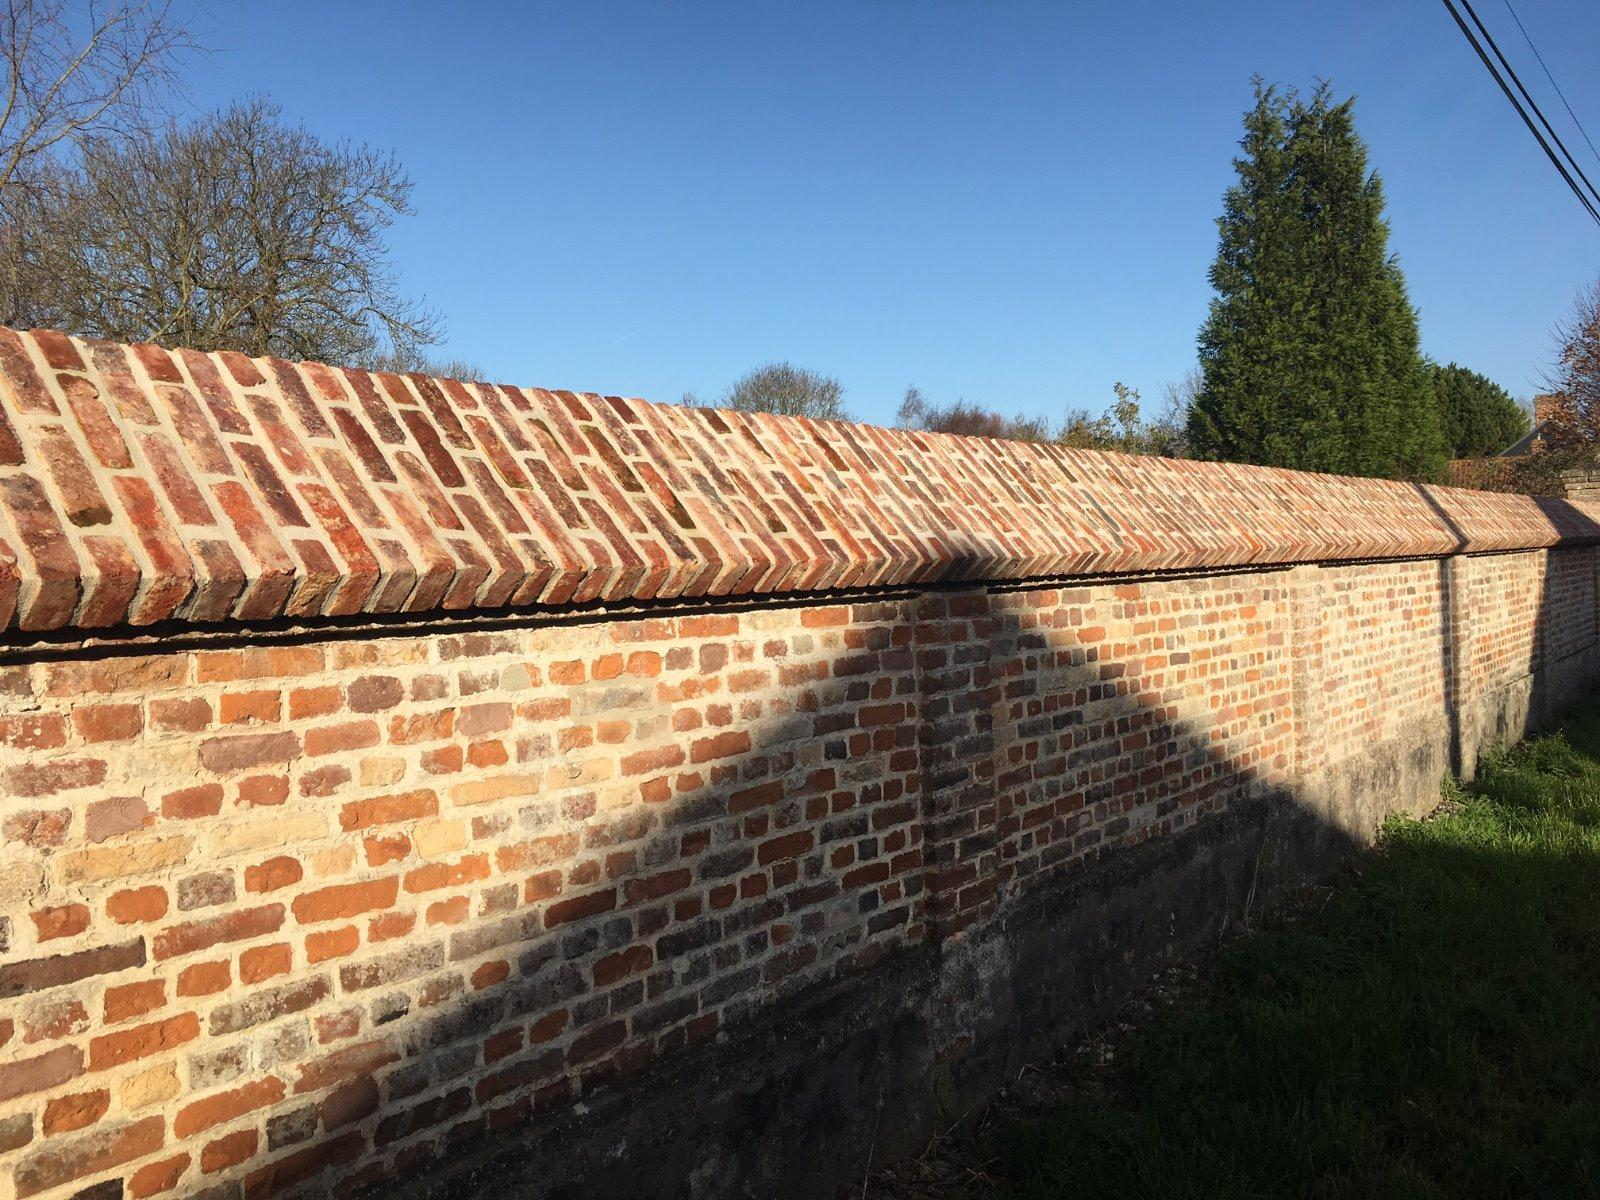 Réfection dessus de mur en briques de récupération avec joints gris clair - RUE (80)